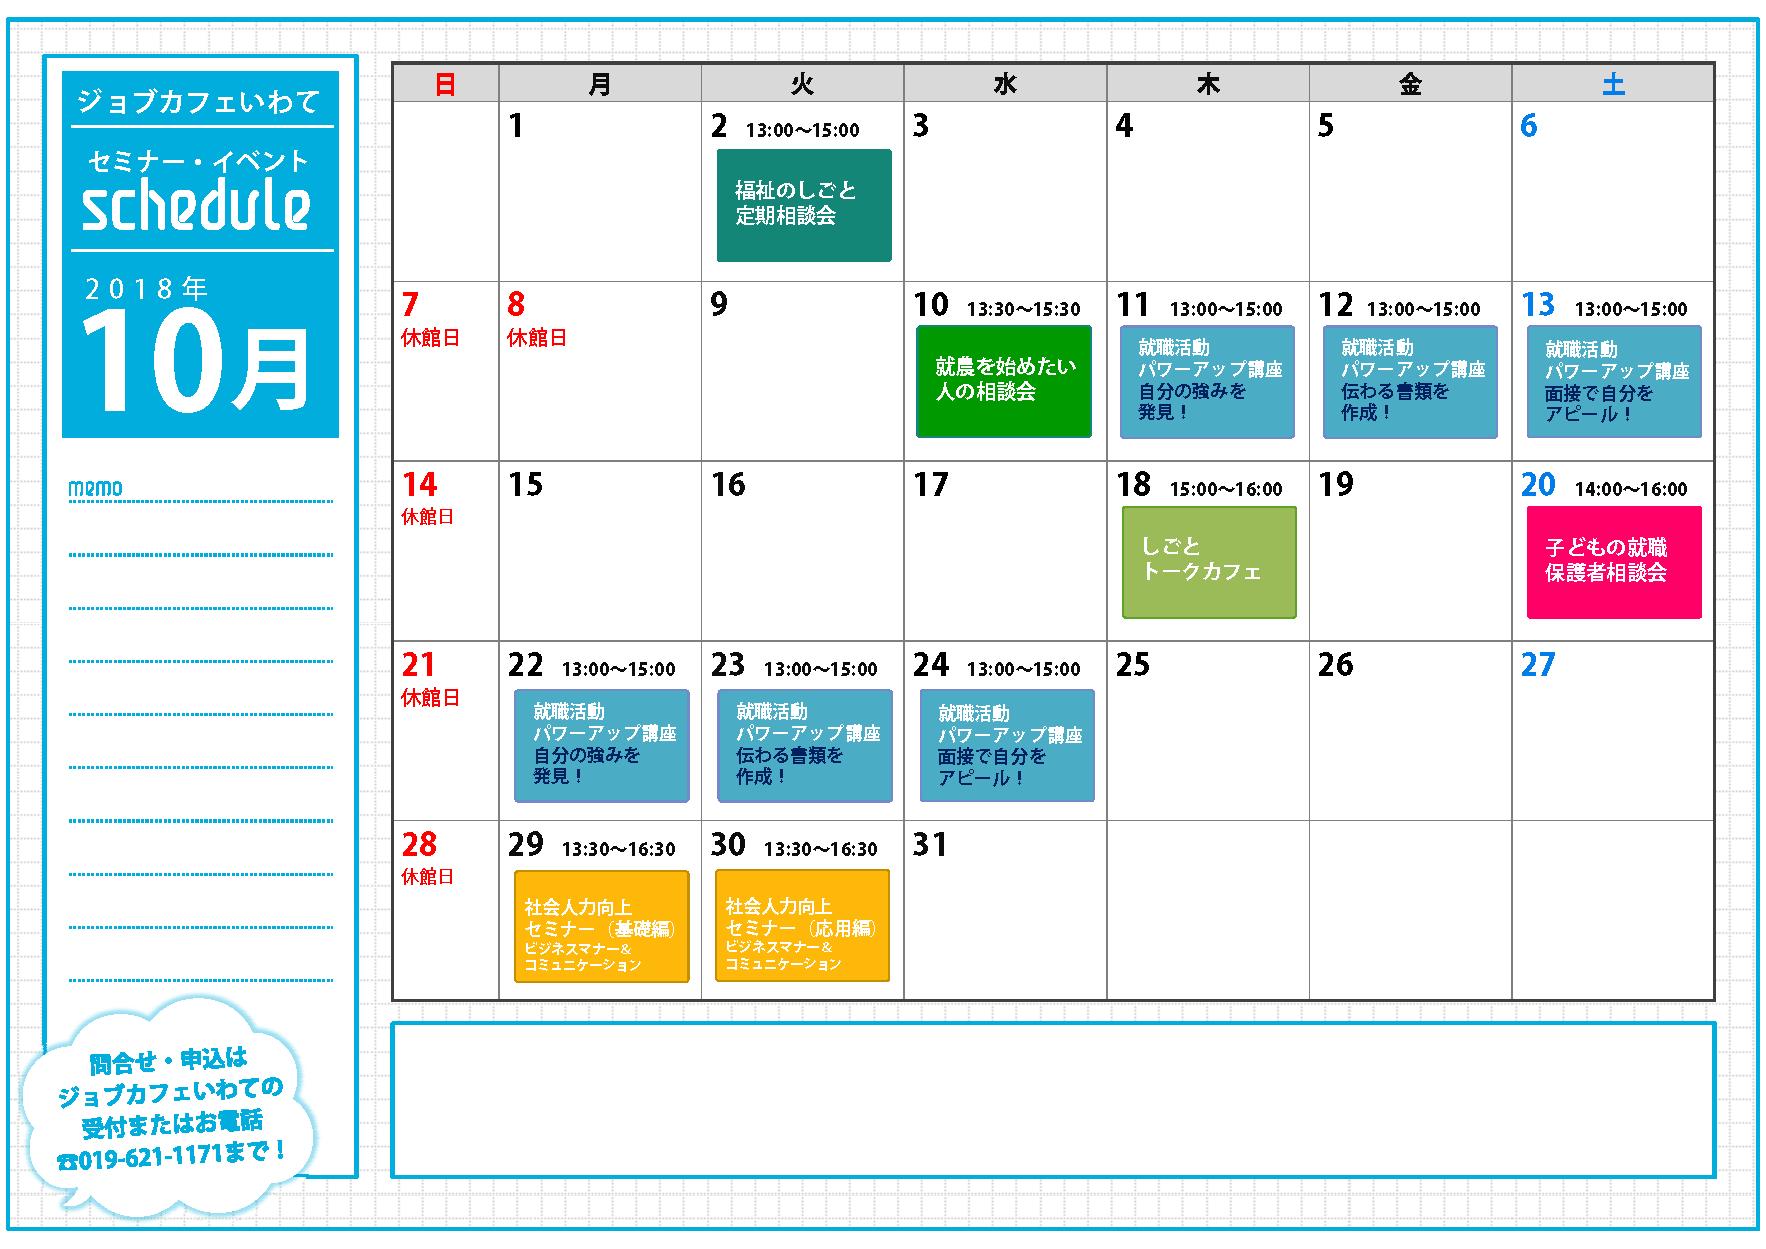 【カラー印刷用】セミナーイベント月毎スケジュールシート10月